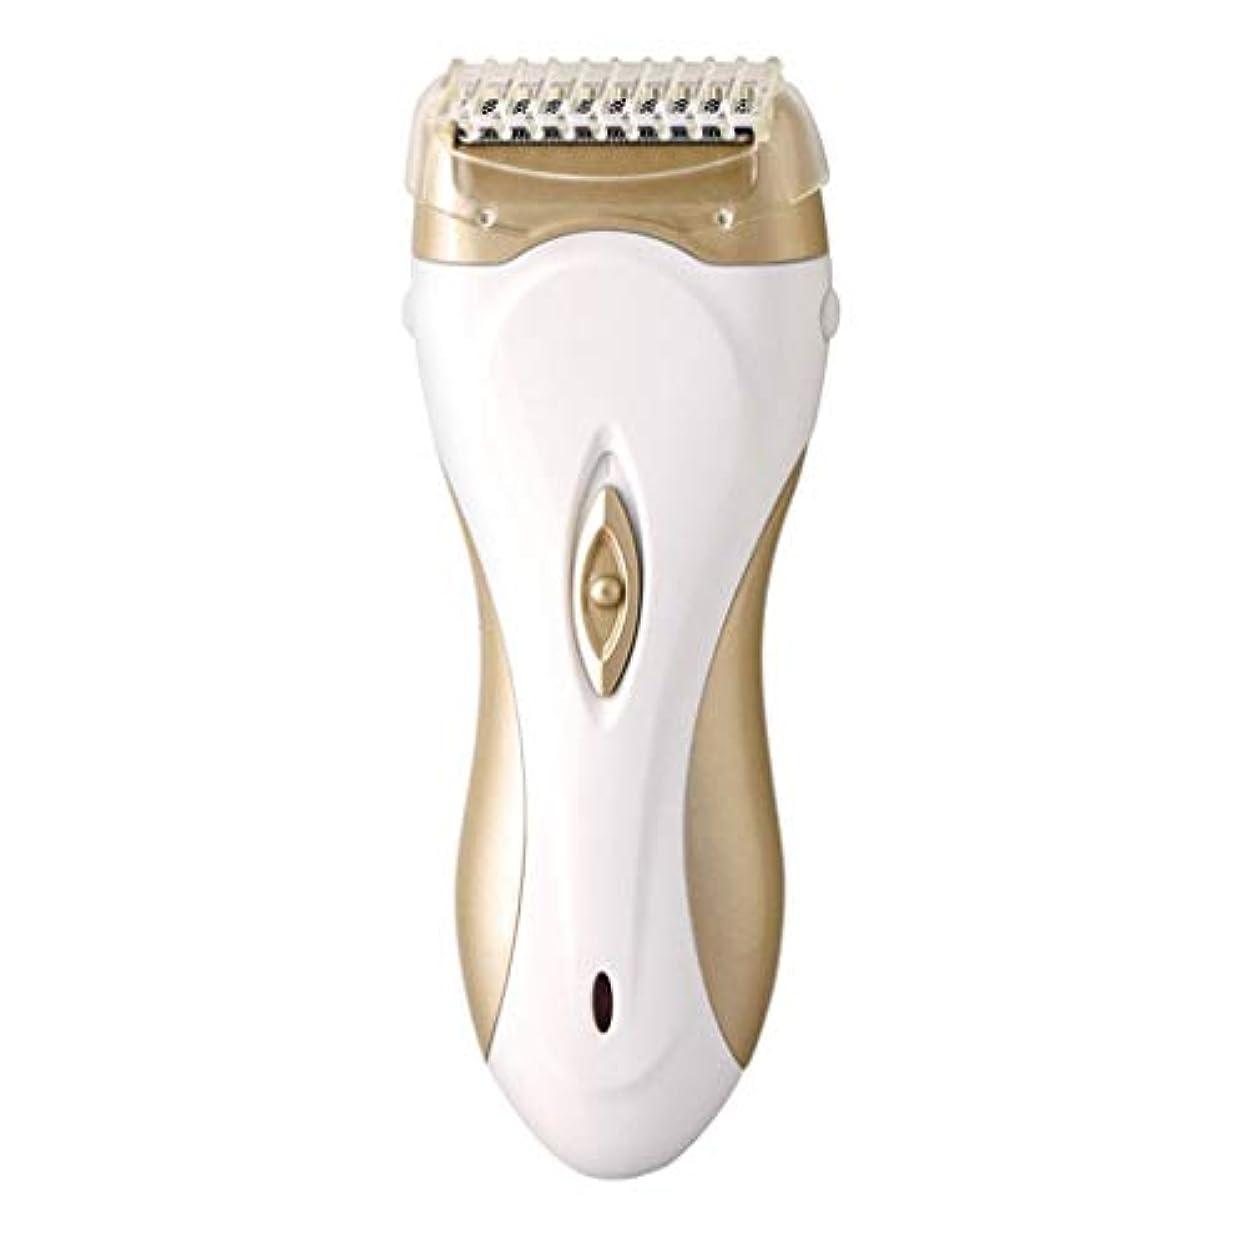 刺激するフォーマット処分した女性用電気かみそり、携帯用脚、脱毛器多機能用充電式ユニセックス脱毛器 (Color : Gold)